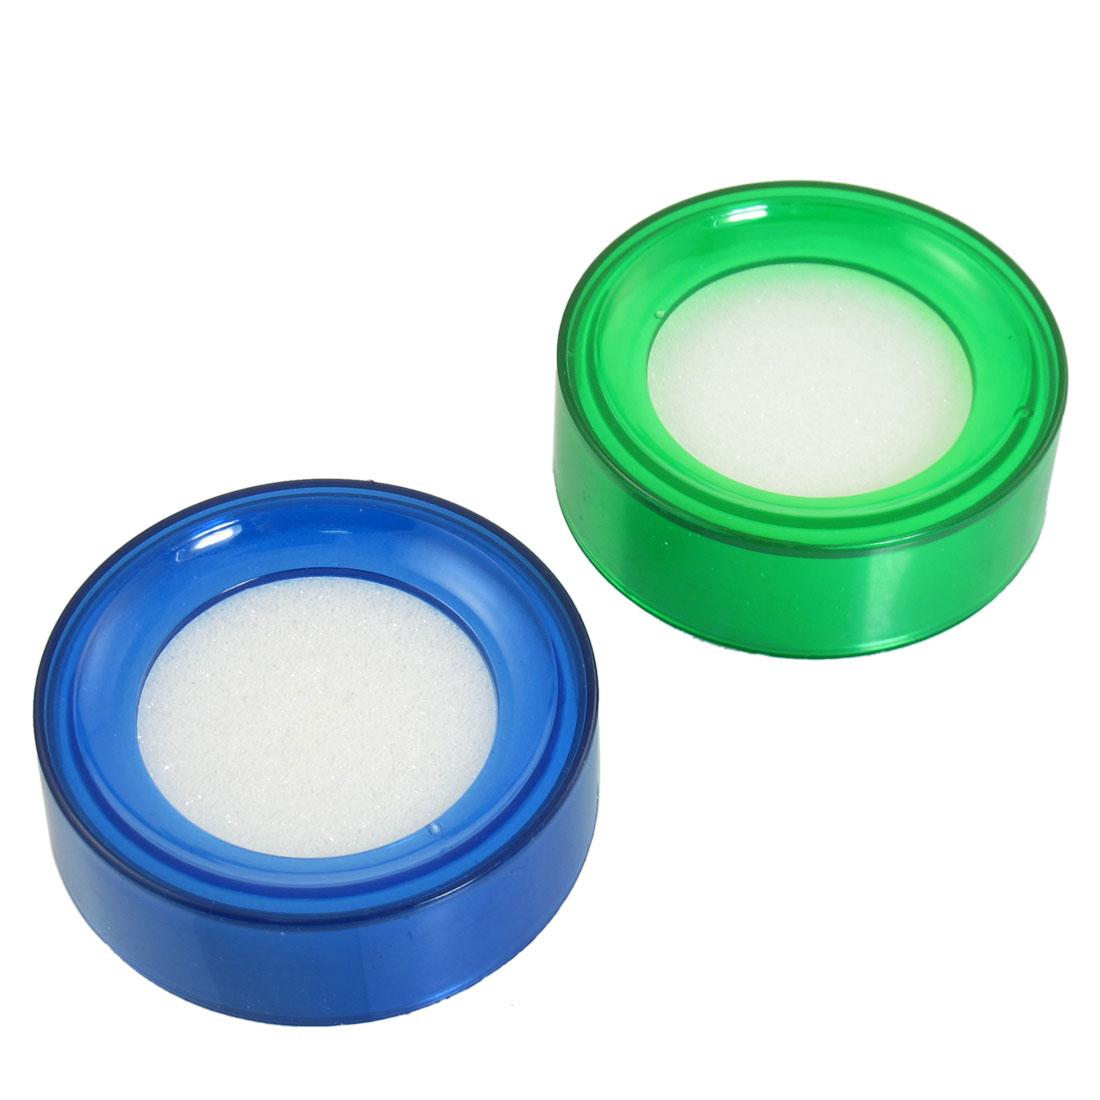 Blue Green Fingertip Moistener for Counting Cash Money 2 pcs